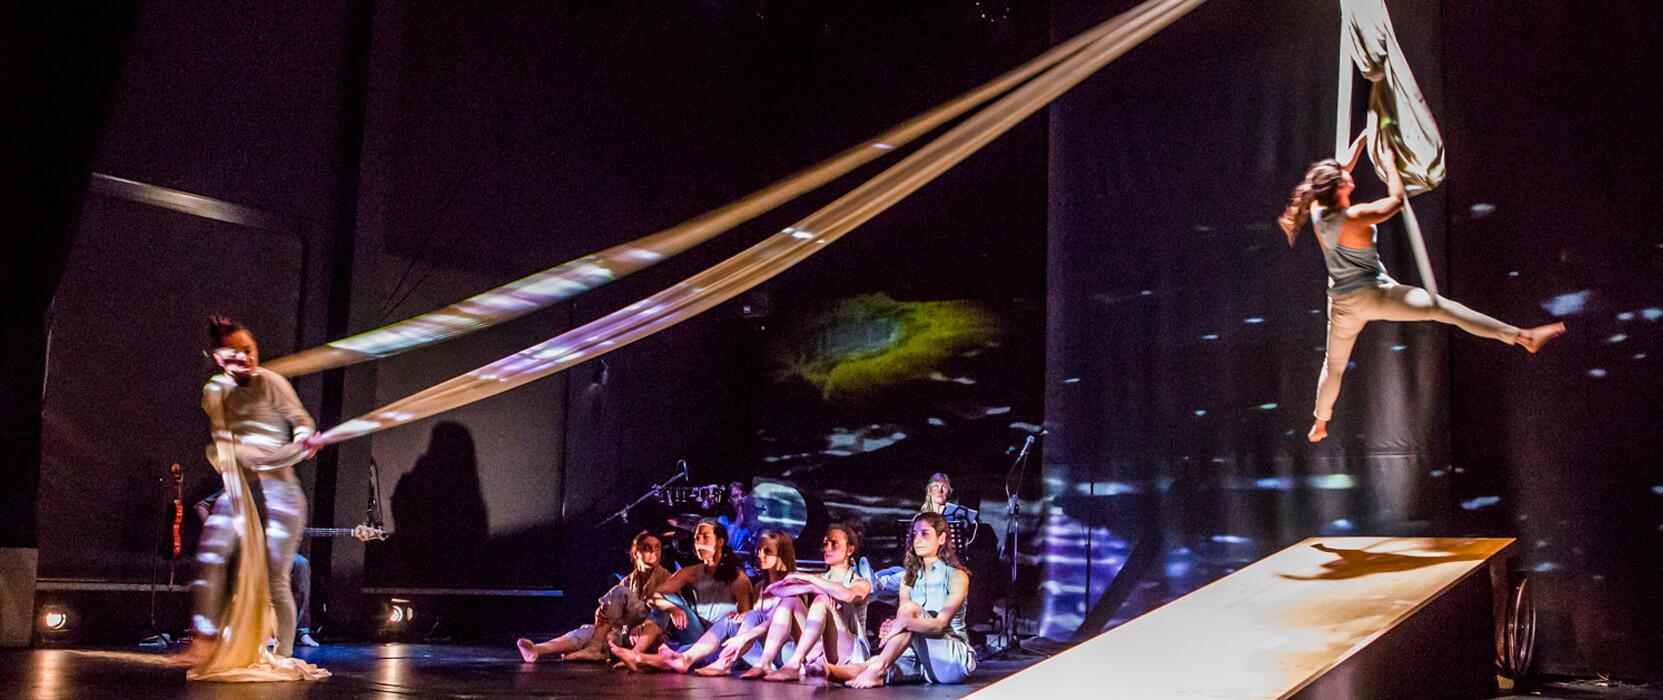 Sommerblut Festival der Multipolarkultur - Theater